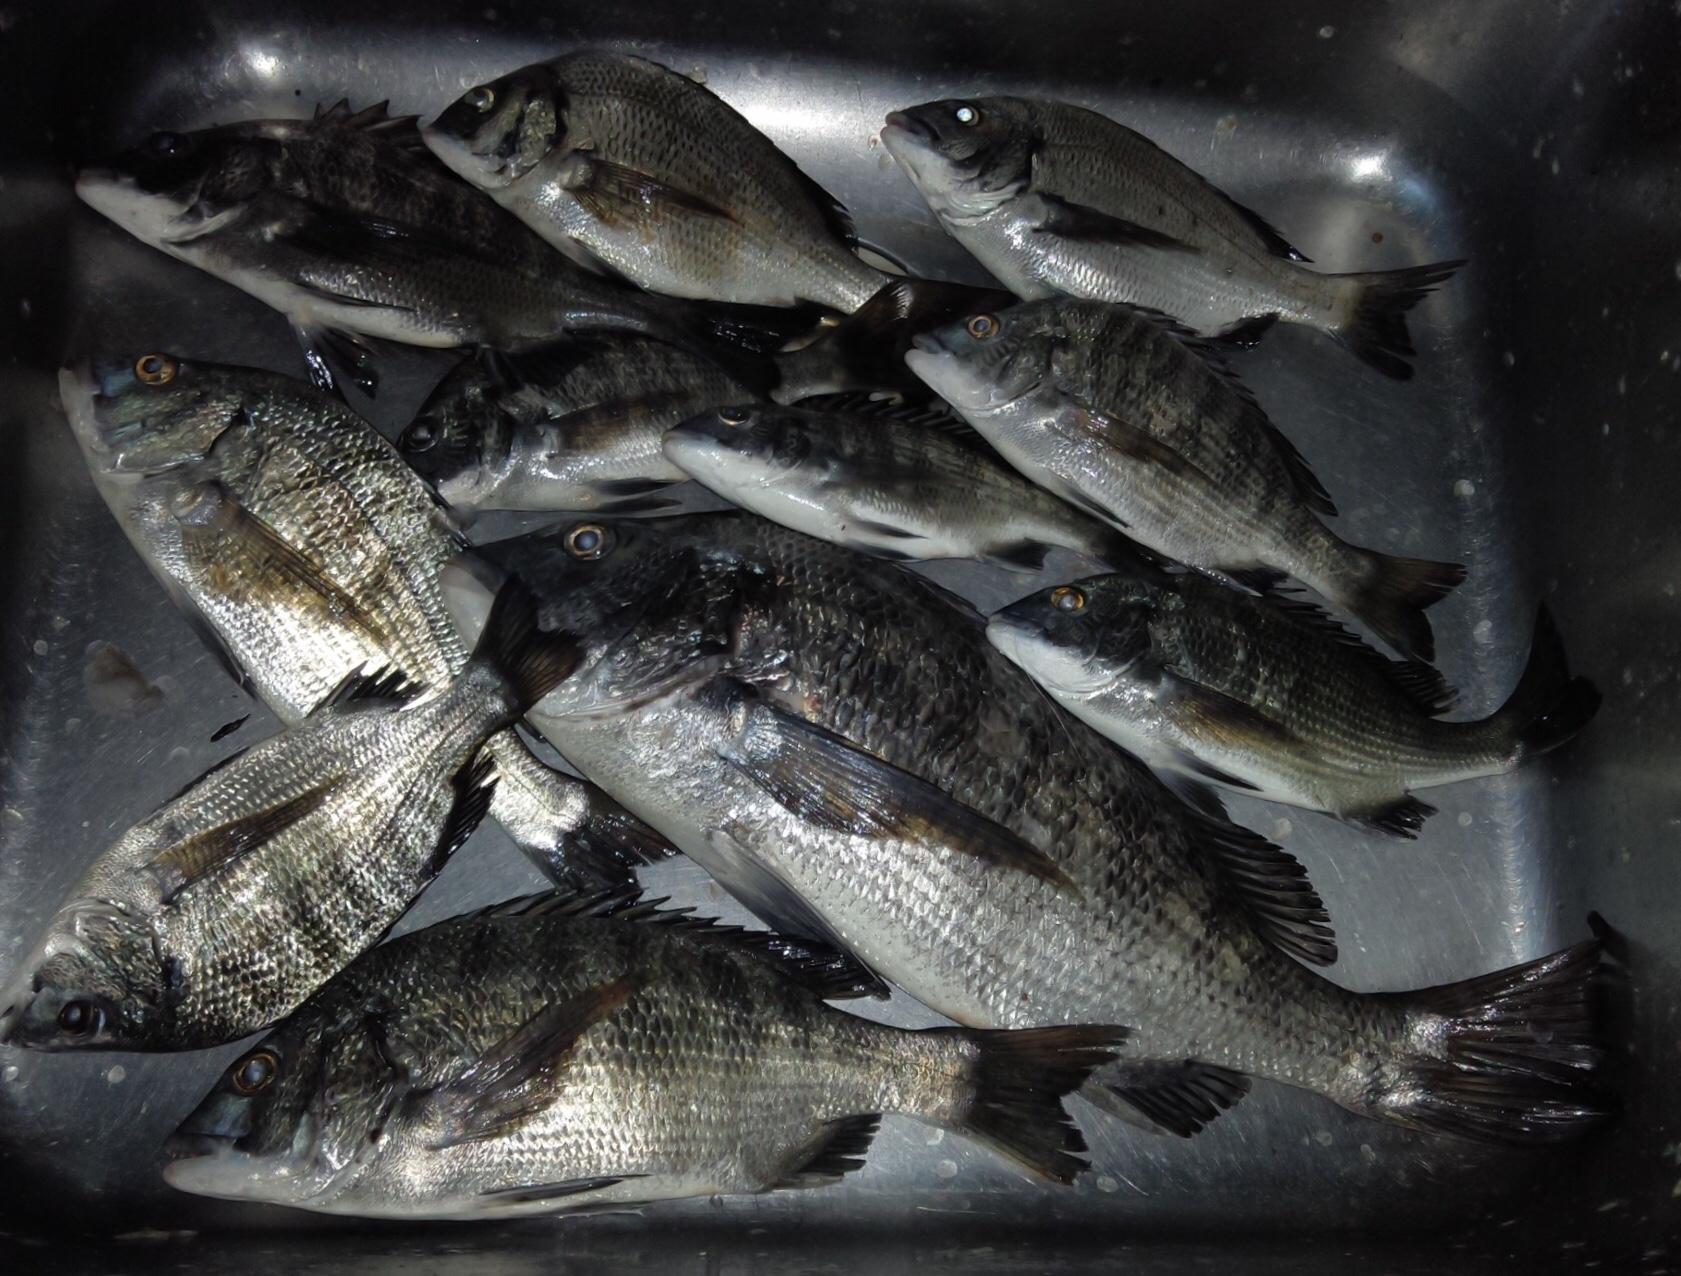 カイズクラス主体な中で午後から40㎝後半の大物が釣れましたよ(^^)サムネイル